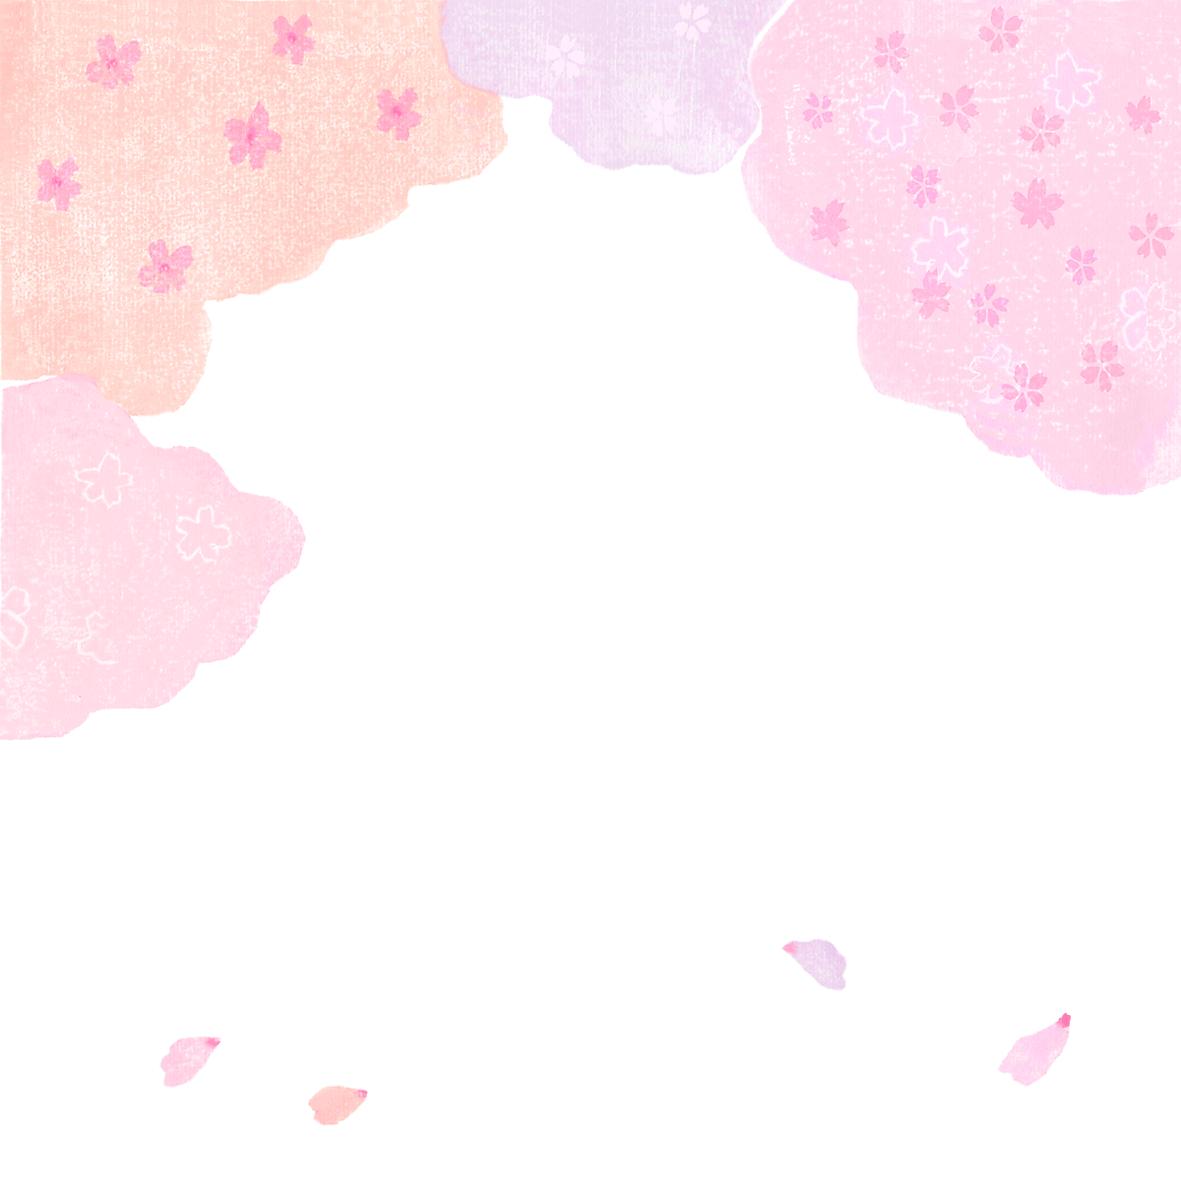 桜,春の背景イラスト